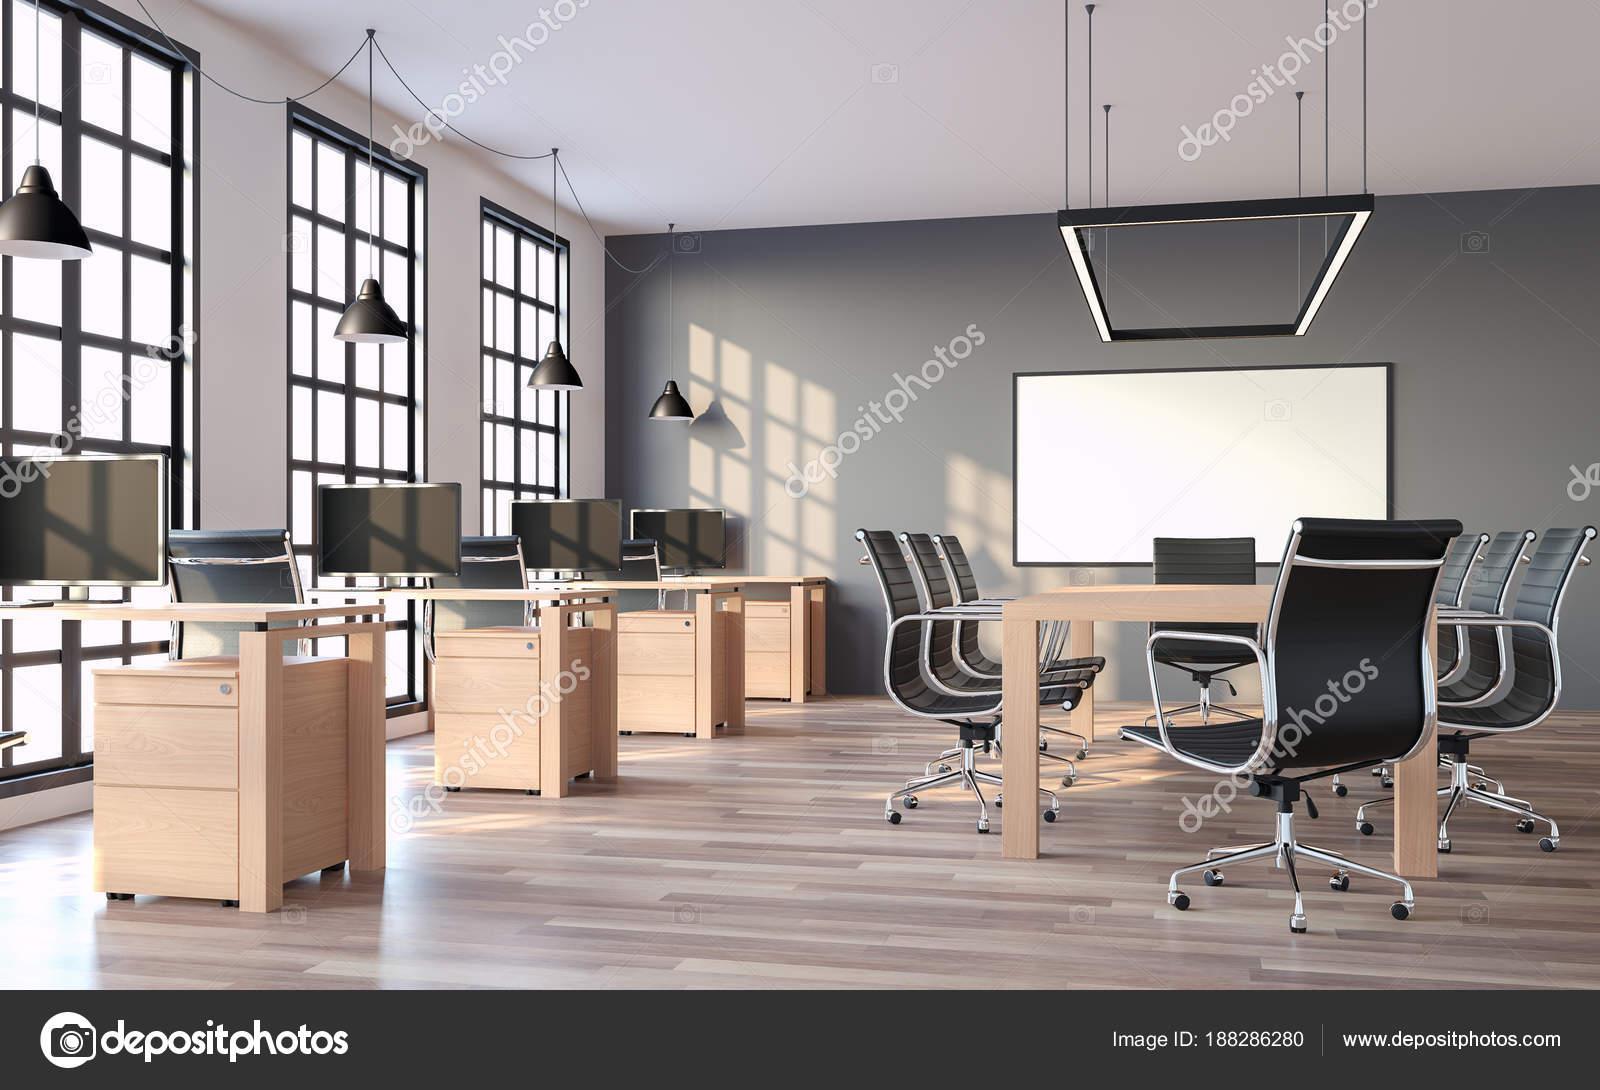 Bureau style loft moderne avec mur gris rendu les chambres